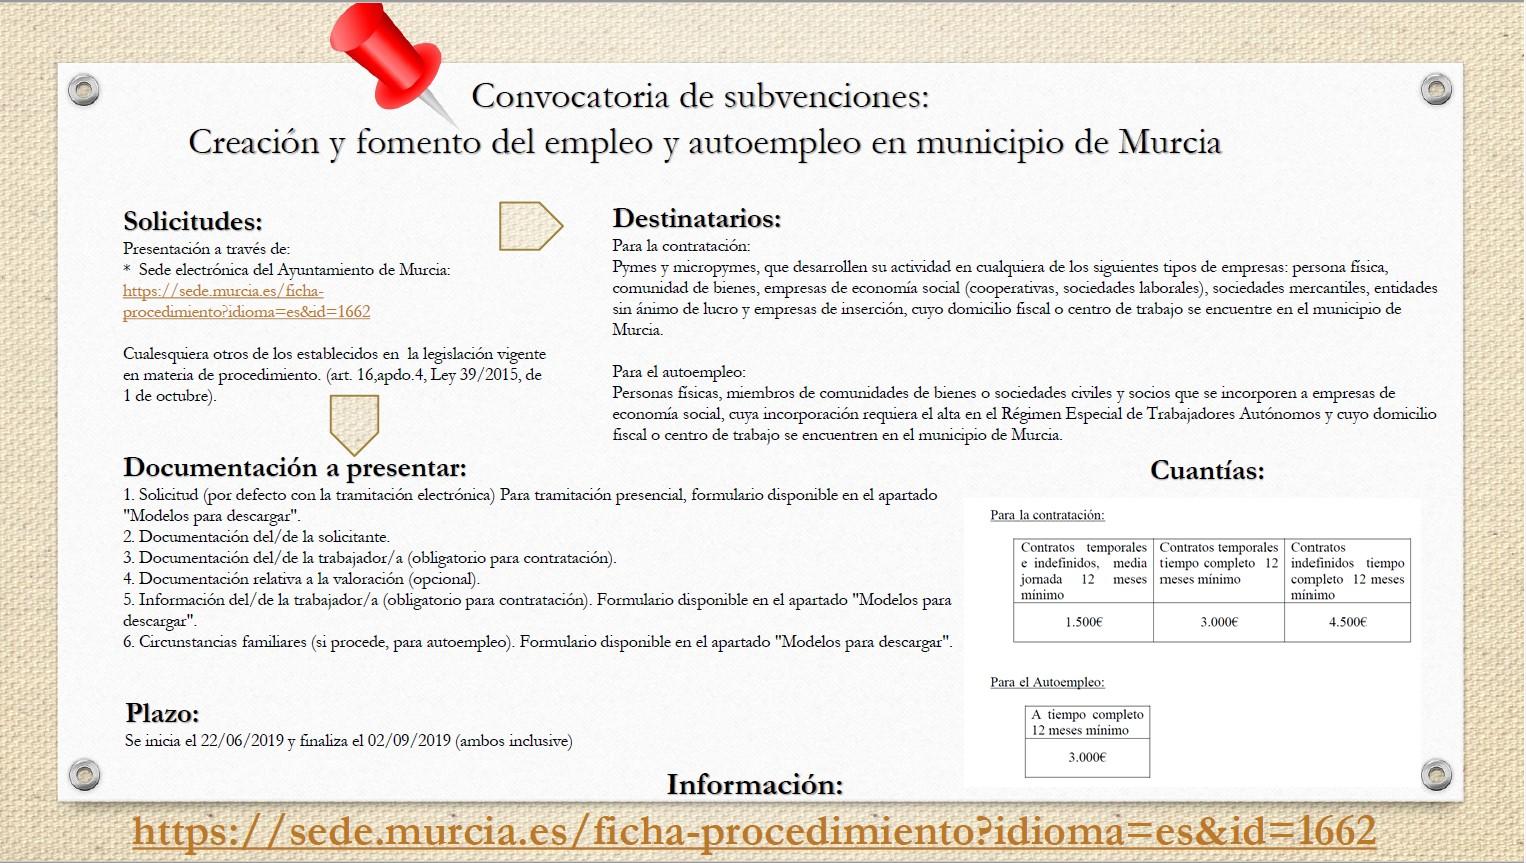 CONCESIÓN DE SUBVENCIONES PARA LA CREACIÓN Y FOMENTO DEL EMPLEO Y AUTOEMPLEO EN MUNICIPIO DE MURCIA....